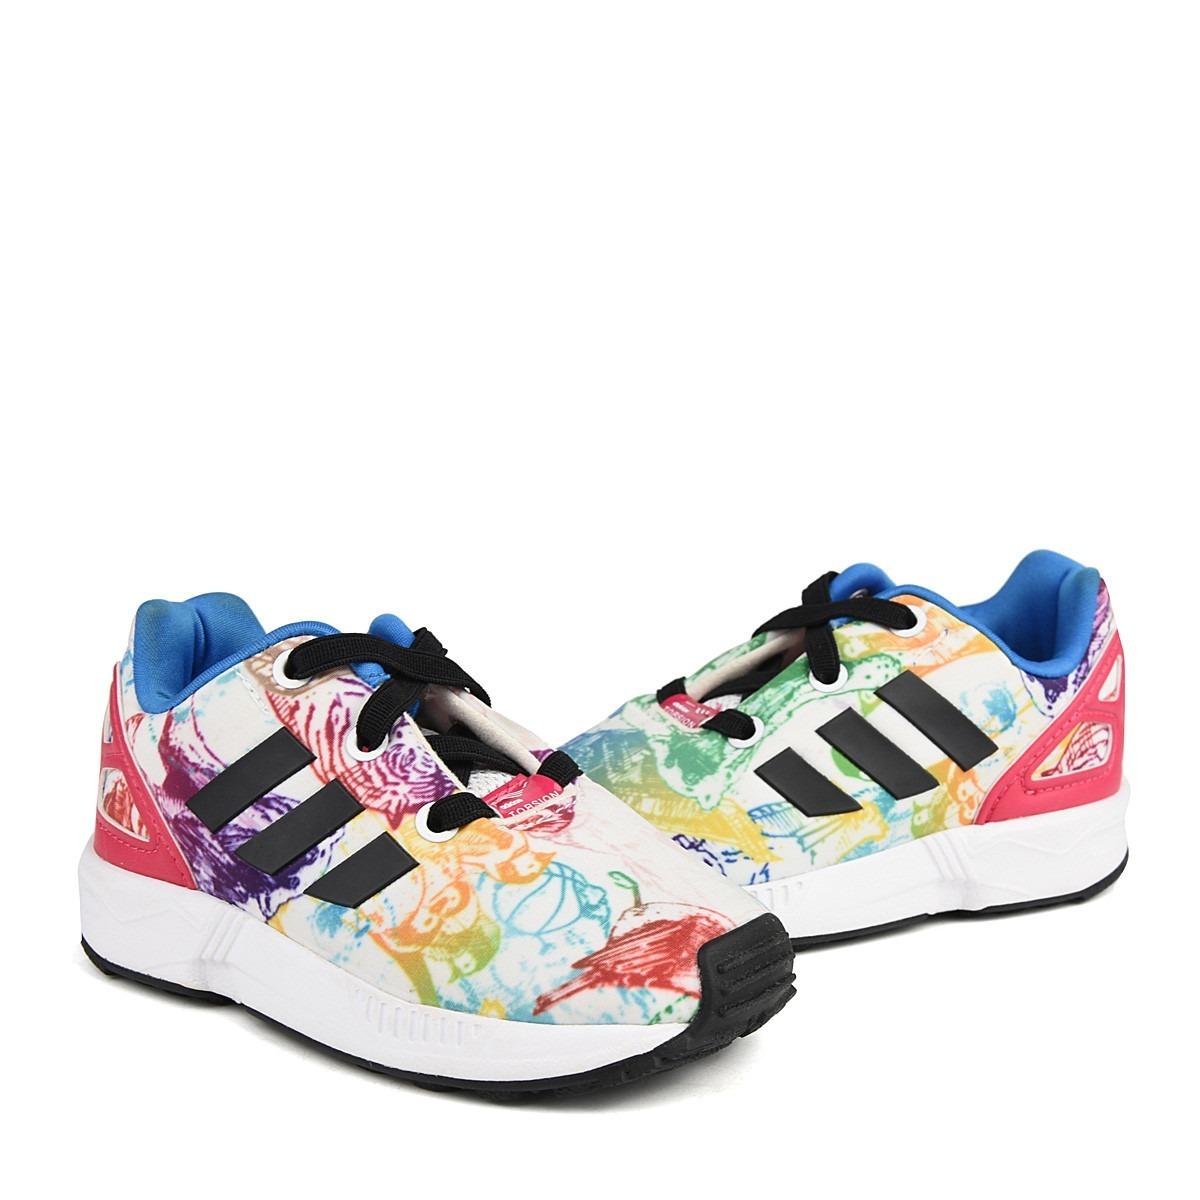 premium selection 1c38c 0658e adidas zx flux el i jungle multicolor s76314. Cargando zoom.